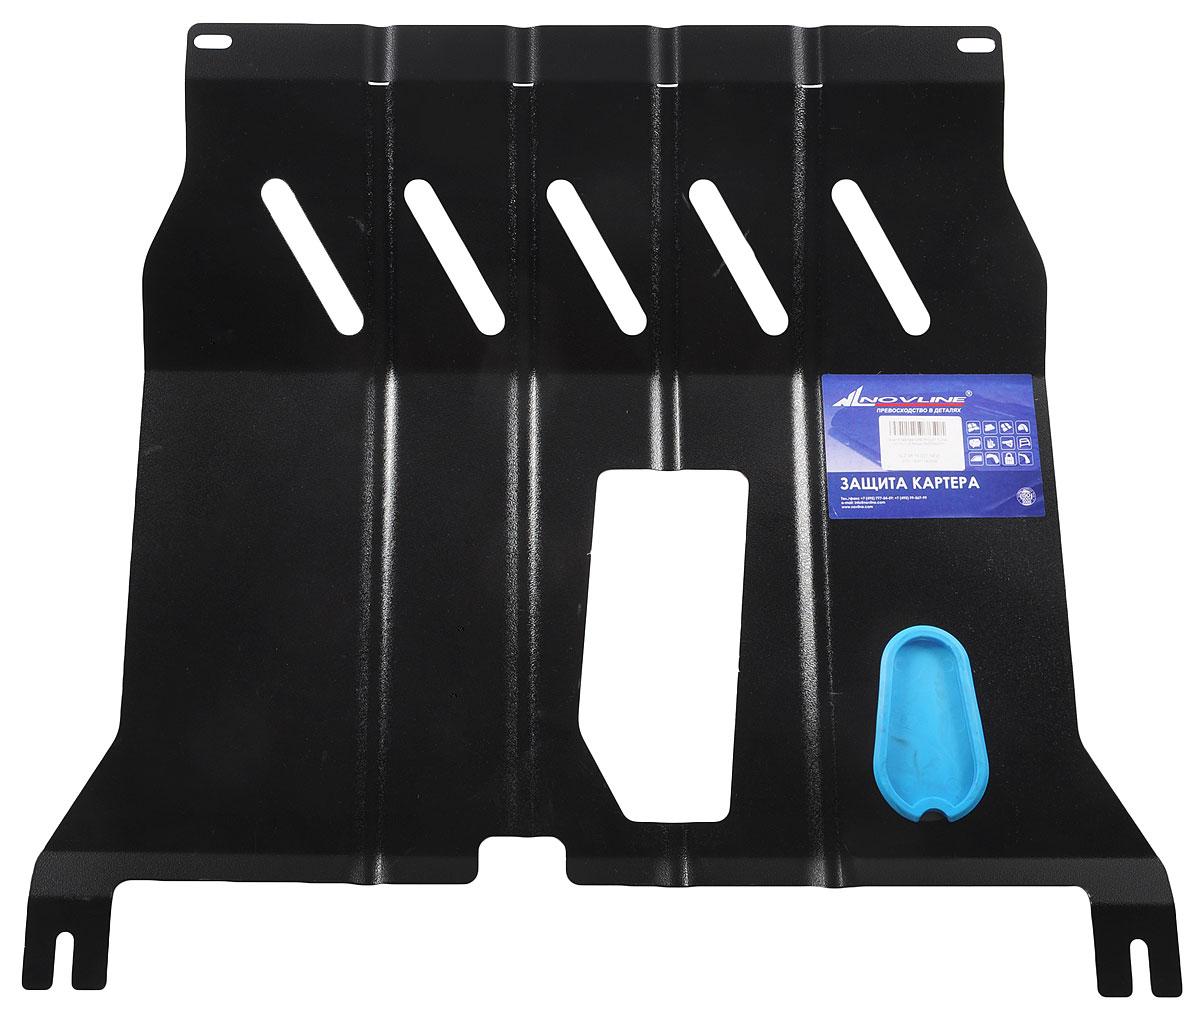 Защита картера Novline-Autofamily, для Chevrolet Cobalt (2013-) 1,5 бензин МКПП/АКПП, с комплектом крепежаNLZ.08.16.020 NEWЗащита картера двигателя - это металлическая конструкция, предназначенная для предотвращения механических повреждений узлов и агрегатов автомобиля, расположенных в нижней части кузова и подкапотного пространства. Защита.Прямая функция продукта - защищать узлы и агрегаты, расположенные в нижней части кузова и подкапотном пространстве, от механических воздействий. Безопасность.Ребра жесткости обеспечивают дополнительную прочность изделию. Специальные крепежные элементы с катодно-цинковым покрытием исключают заедание резьбы. Изделия не нарушают температурного режима работы двигателя и выхлопной системы. Эстетика.Полиэфирное порошковое покрытие - гарантия высокой коррозионной стойкости. Простота установки достигается за счет конструкции самой защиты и ее крепежных элементов. При производстве защит картера двигателя и элементов трансмиссии НОВЛАЙН используется холоднокатаная сталь, сорт - сталь 3, которая обладает следующими характеристиками: -Свариваемость без ограничений. -Не склонен к отпускной хрупкости. -Данная марка стали не флокеночувствительна. Установка защит картера двигателя и элементов трансмиссии НОВЛАЙН не требует вмешательства в конструкцию автомобиля, используются штатные технологические отверстия. В комплекте поставляется крепеж, элементы которого имеют катодно-цинковое покрытие, что исключают заедание резьбы даже при длительном использовании изделия.Эксплуатация: Необходимость наличия под днищем надежной смонтированной защиты картера особенно актуальна в условиях российского бездорожья. Наряду с этим, помимо защитной функции, защита картера двигателя и элементов трансмиссии способствует улучшению аэродинамических характеристик автомобиля. В конструкции изделия предусмотрены технологические отверстия для слива масла, закрывающиеся съемными заглушками, что значительно облегчает техническое обслуживание. Специальные демпферы, выполненн